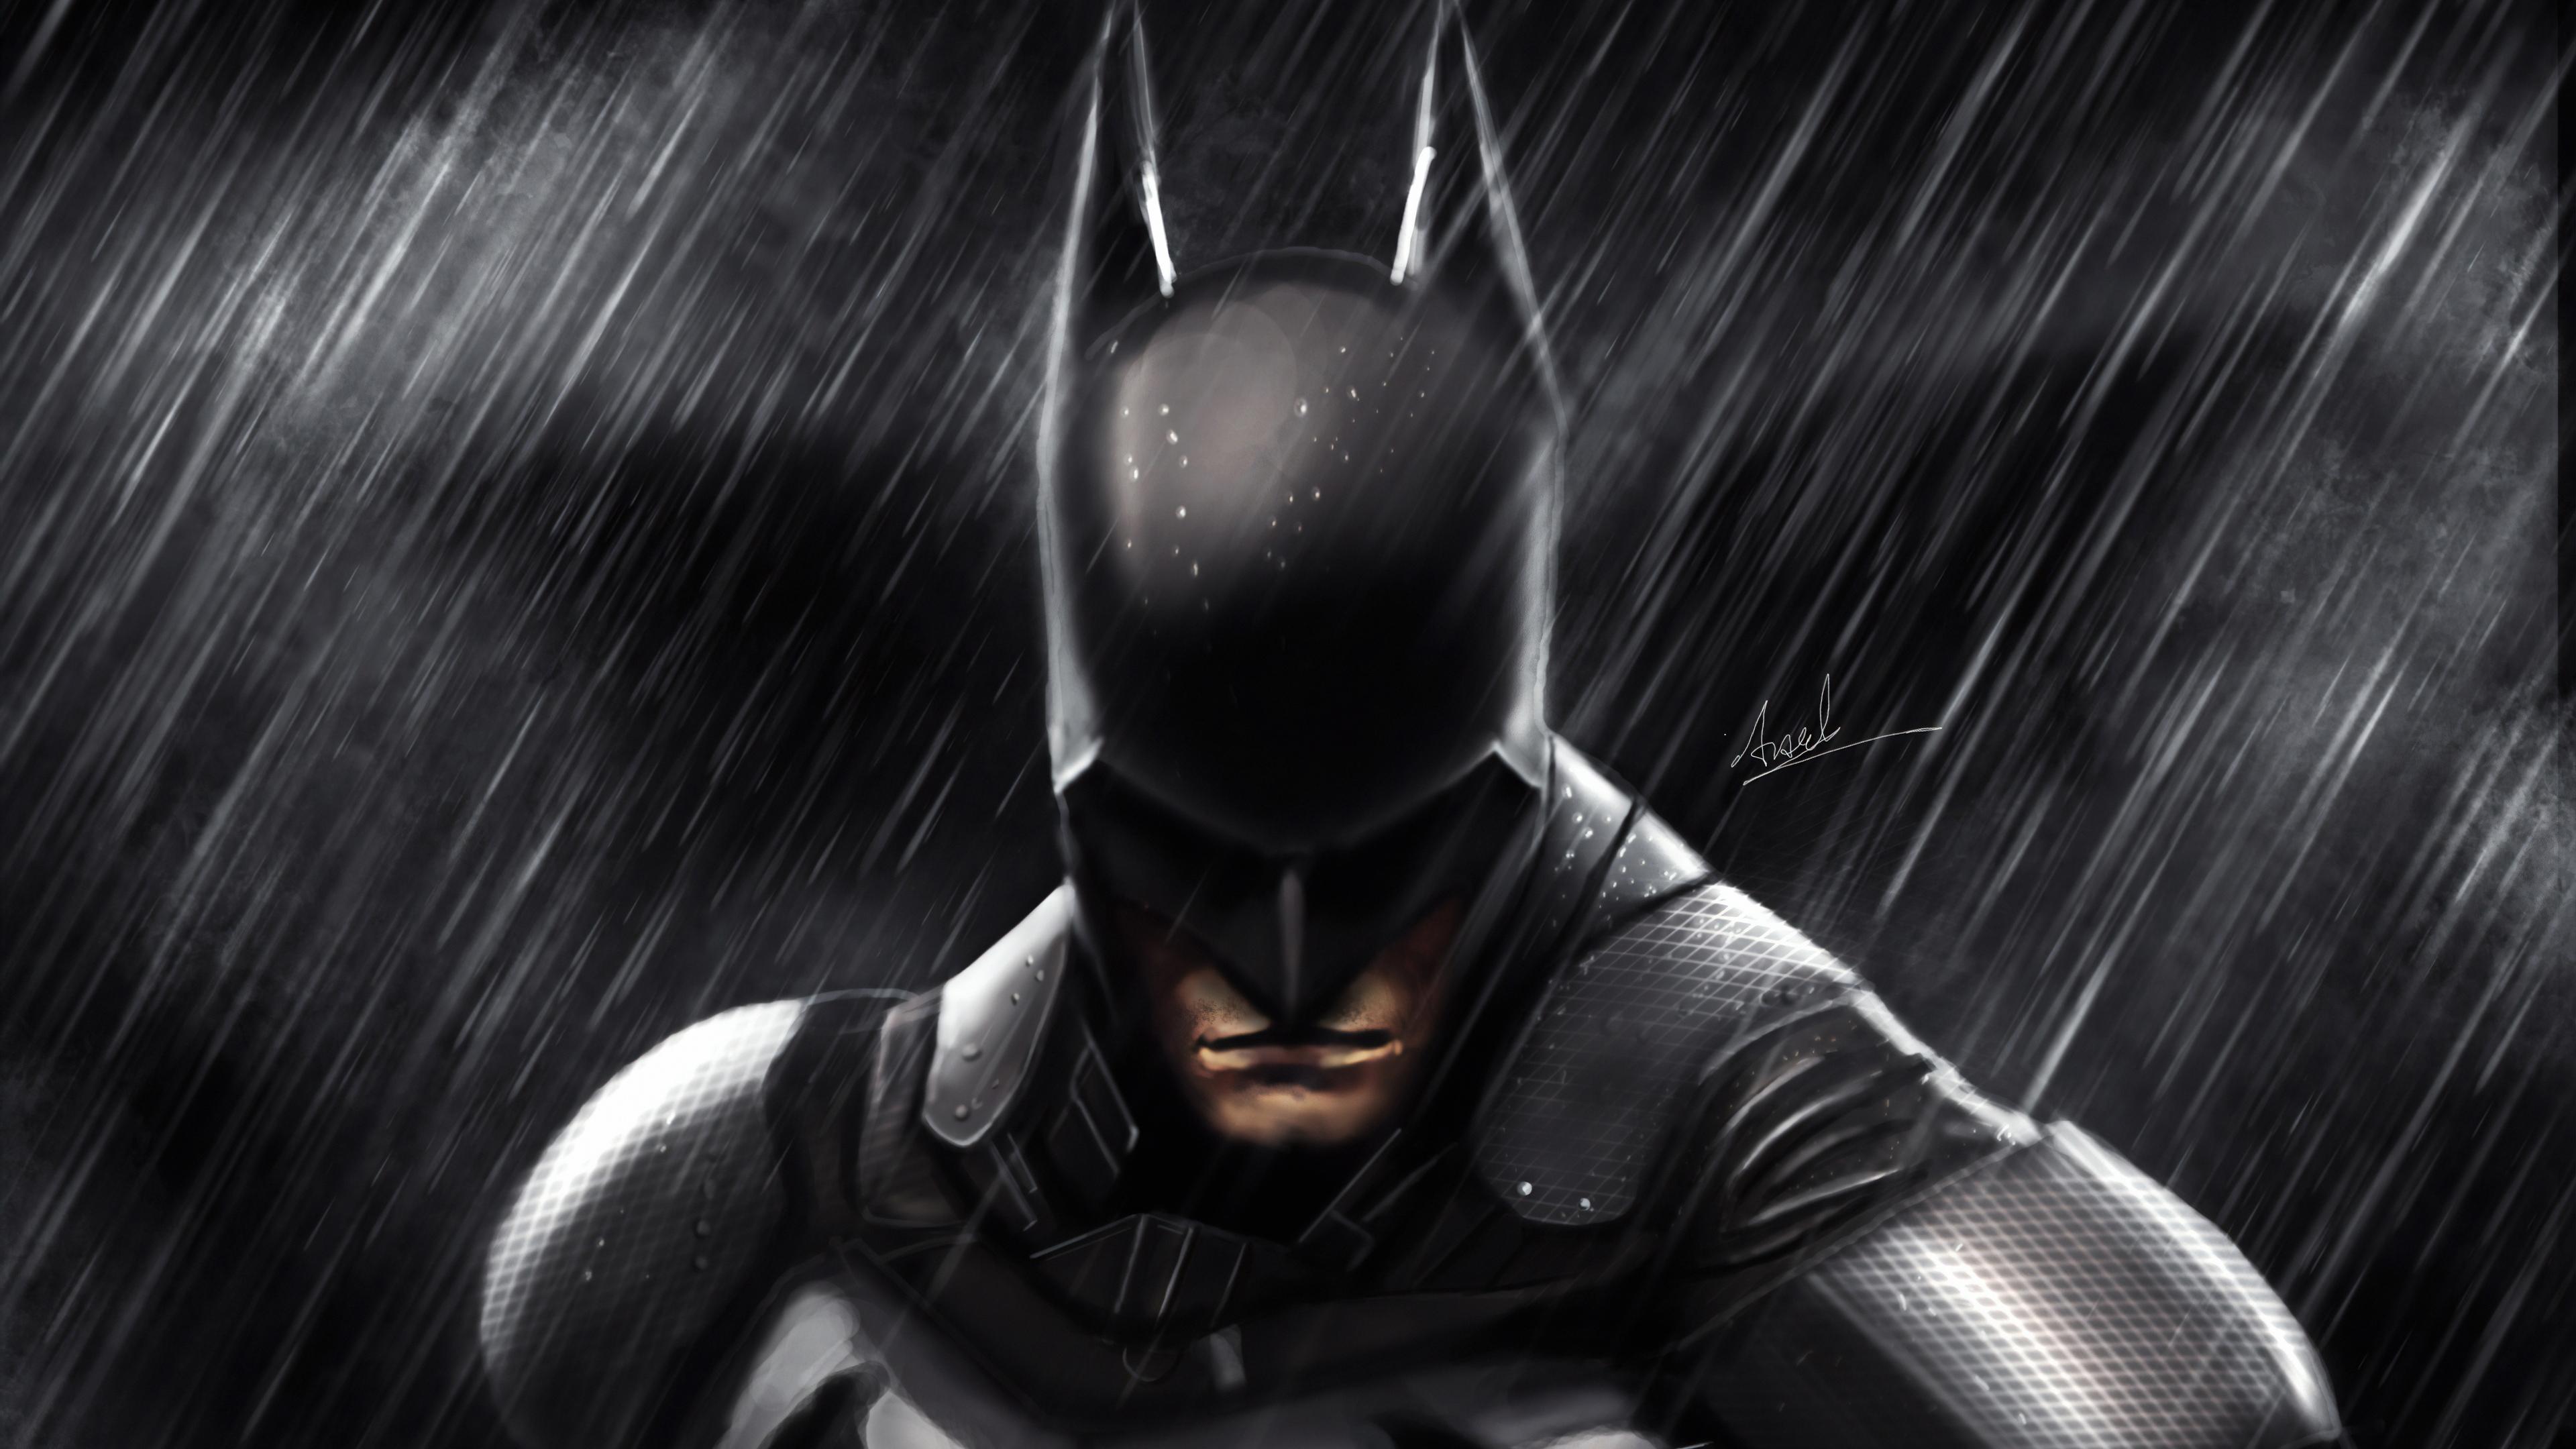 batman gotham city protector 1569186854 - Batman Gotham City Protector - superheroes wallpapers, hd-wallpapers, digital art wallpapers, deviantart wallpapers, batman wallpapers, artwork wallpapers, 4k-wallpapers